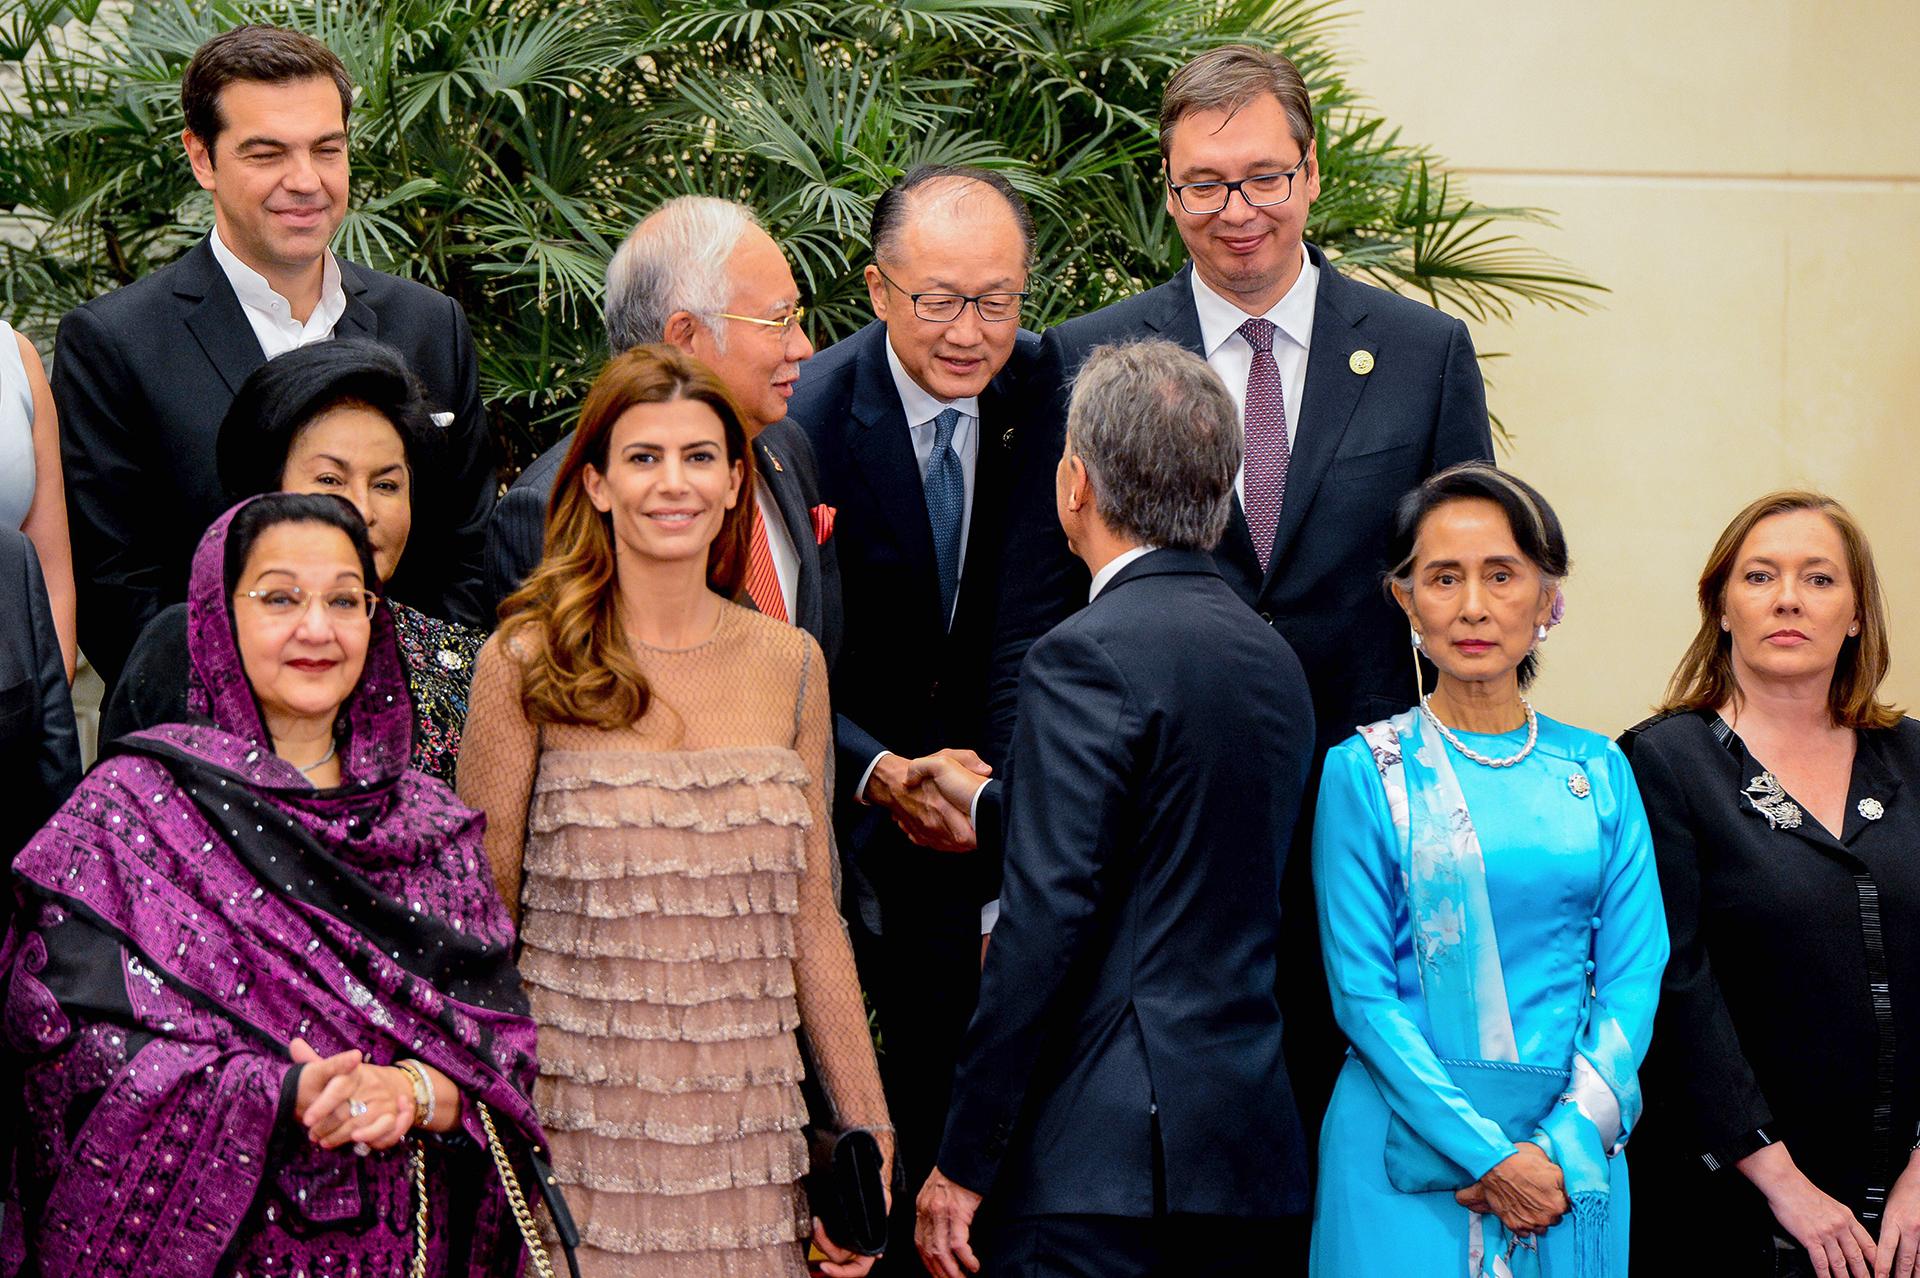 La primera dama Juliana Awada y Mauricio Macri en la foto protocolar